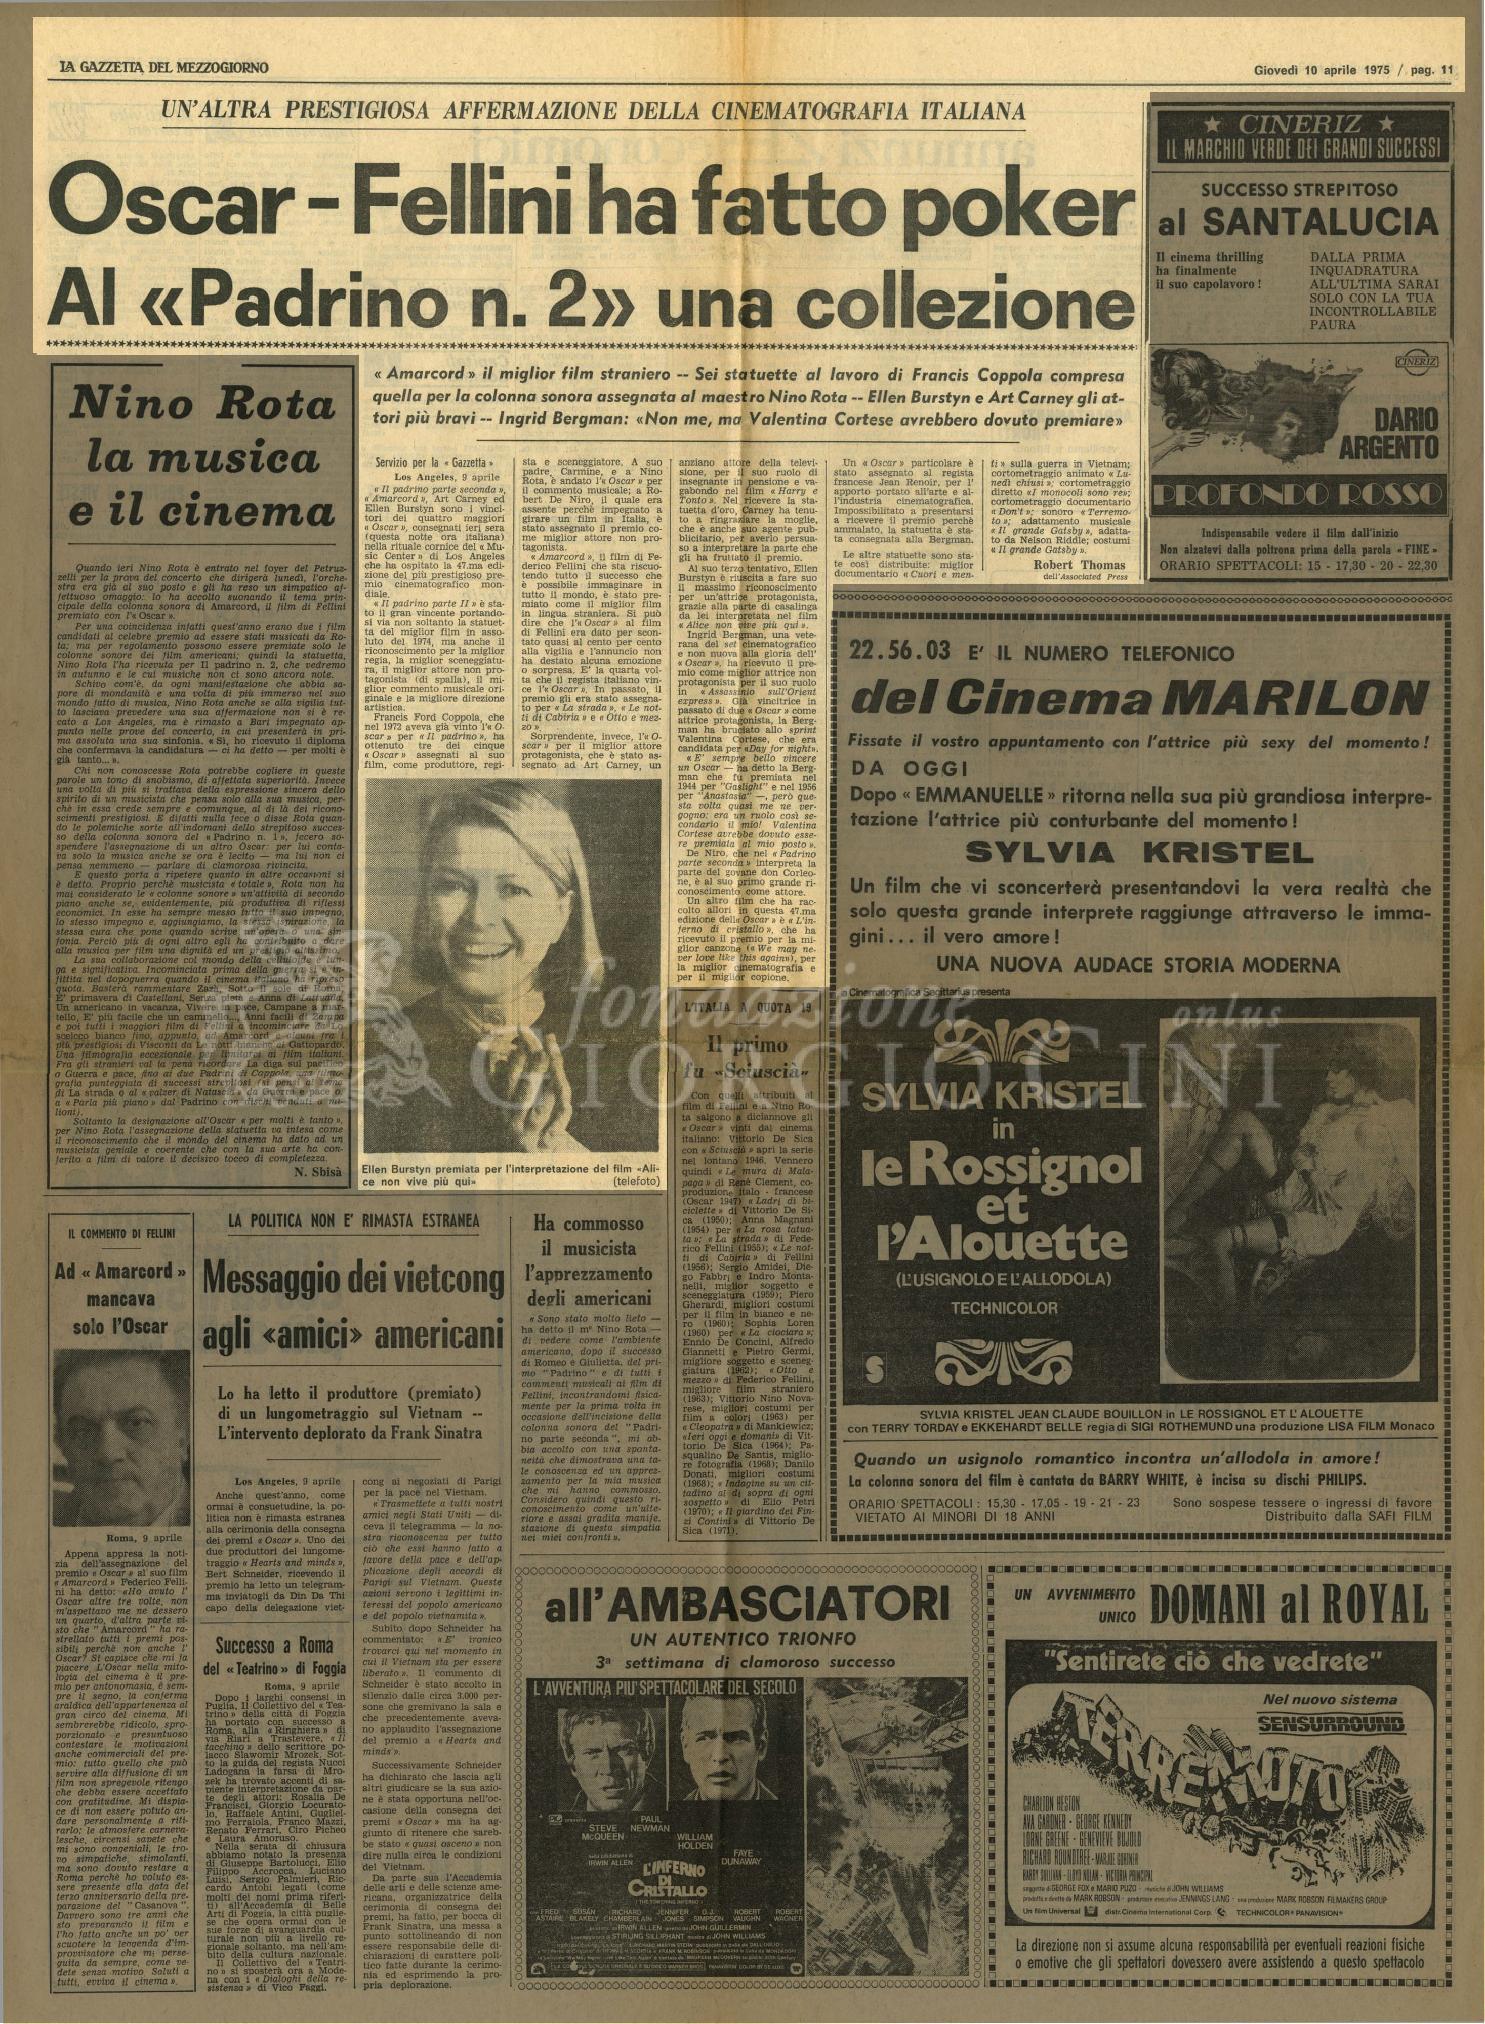 Un'altra prestigiosa affermazione della cinematografia italiana  : Oscar - Fellini ha fatto poker Al